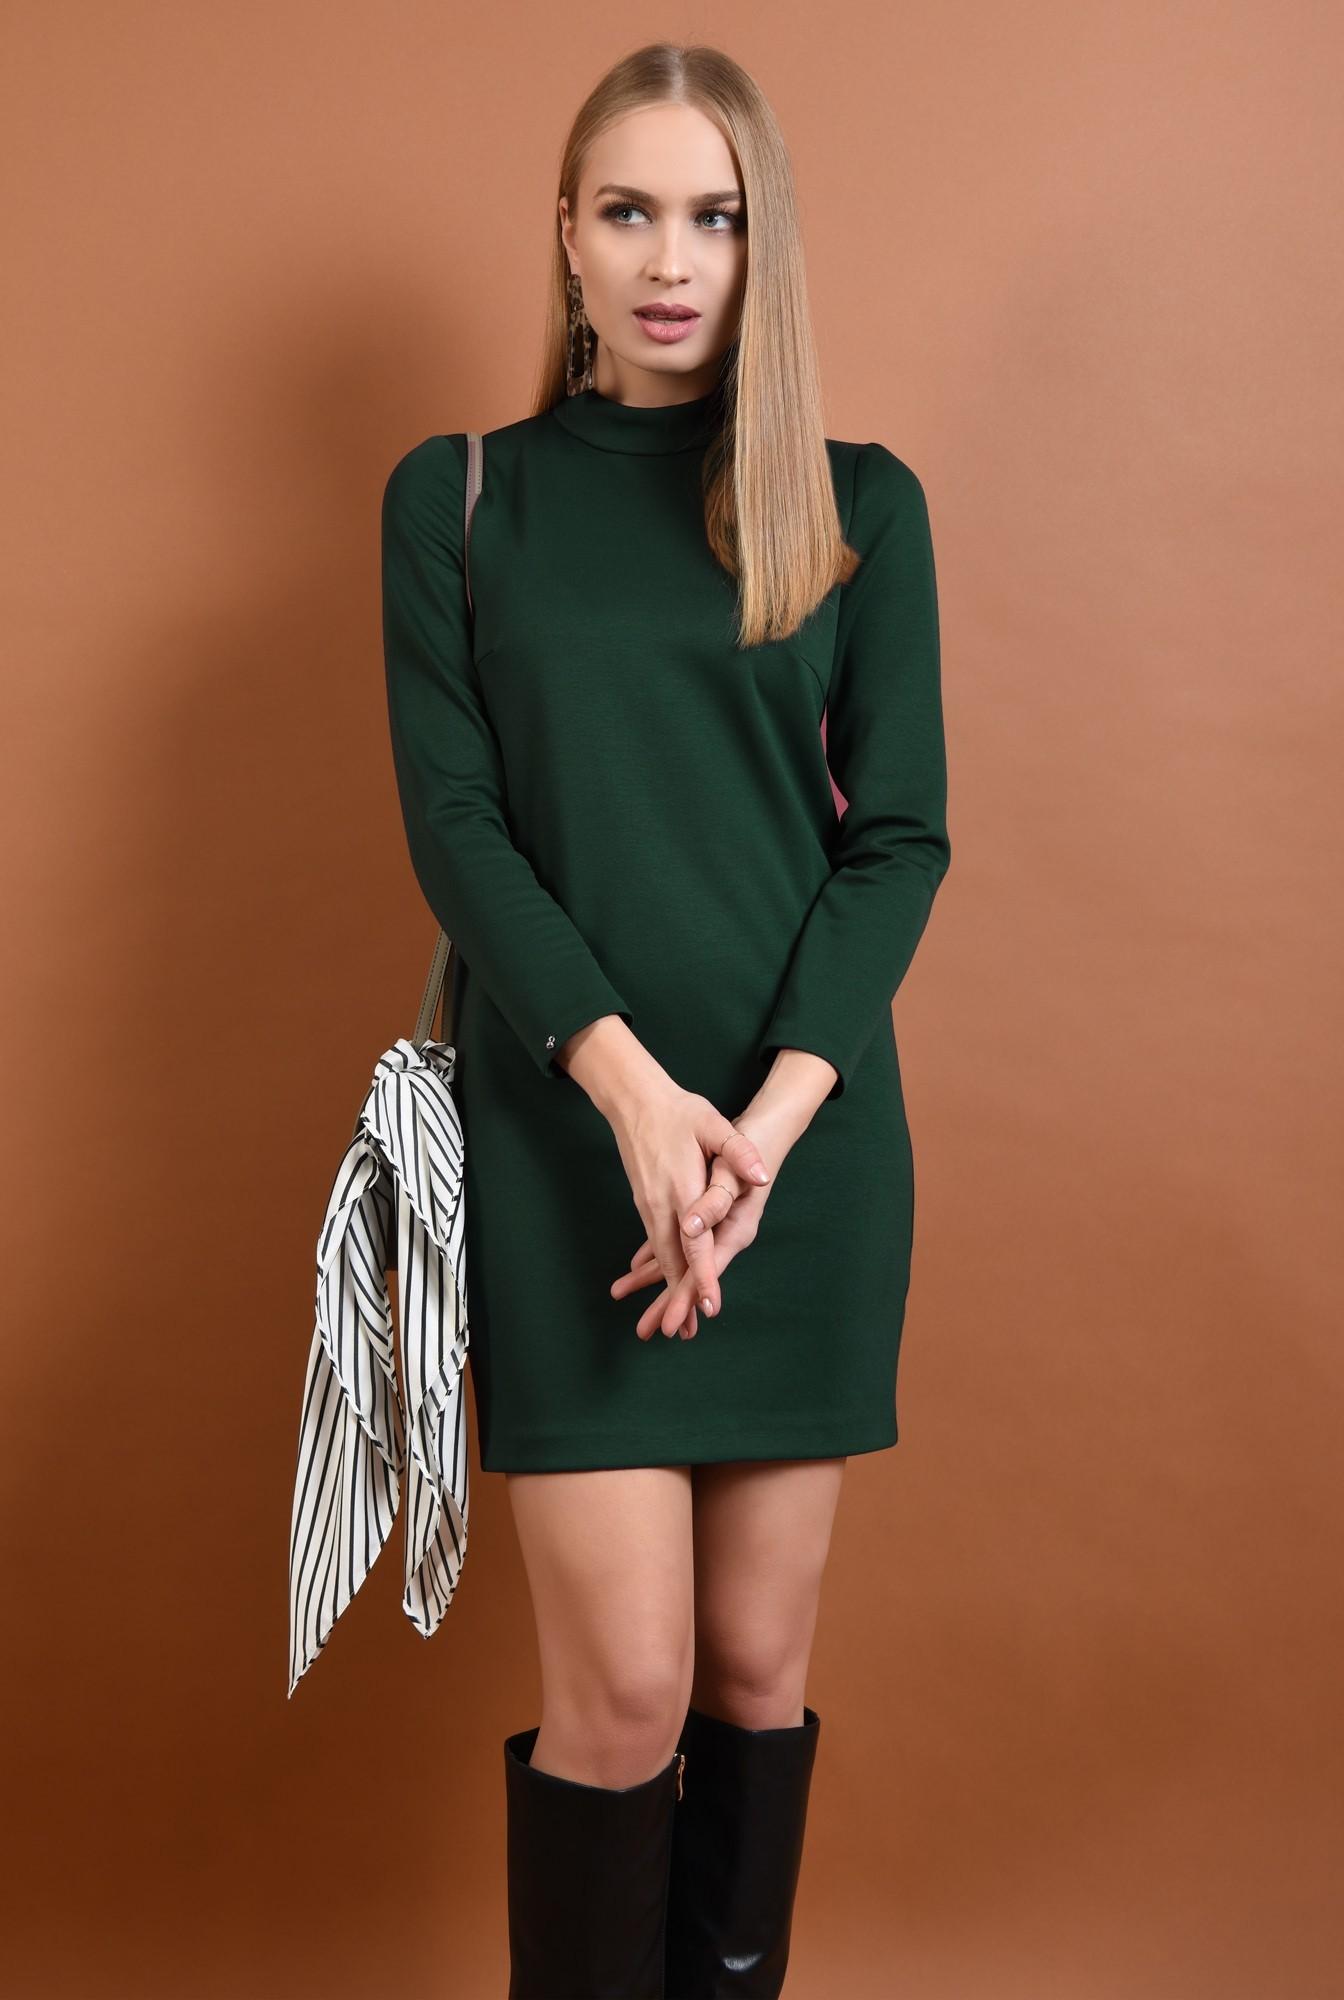 0 - 360 - rochie casual, scurta, verde, maneci lungi, guler inalt